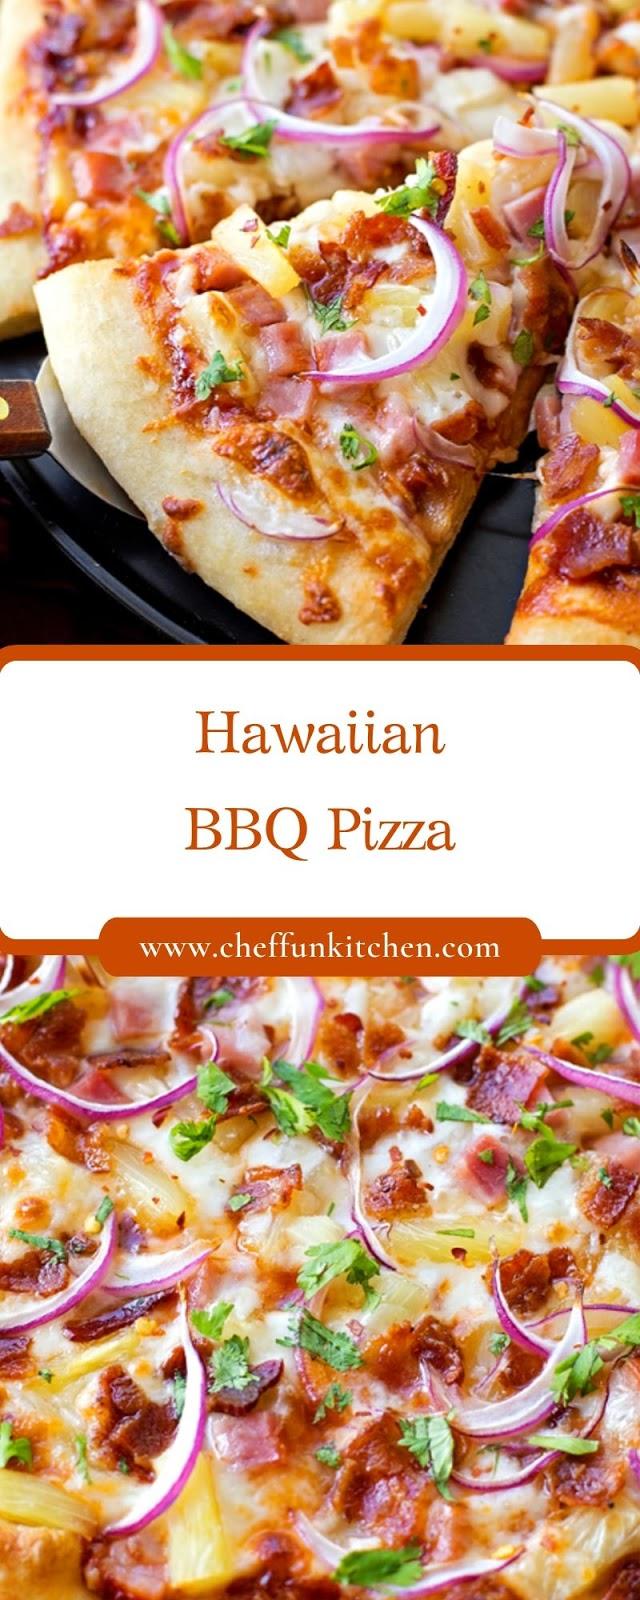 Hawaiian BBQ Pizza